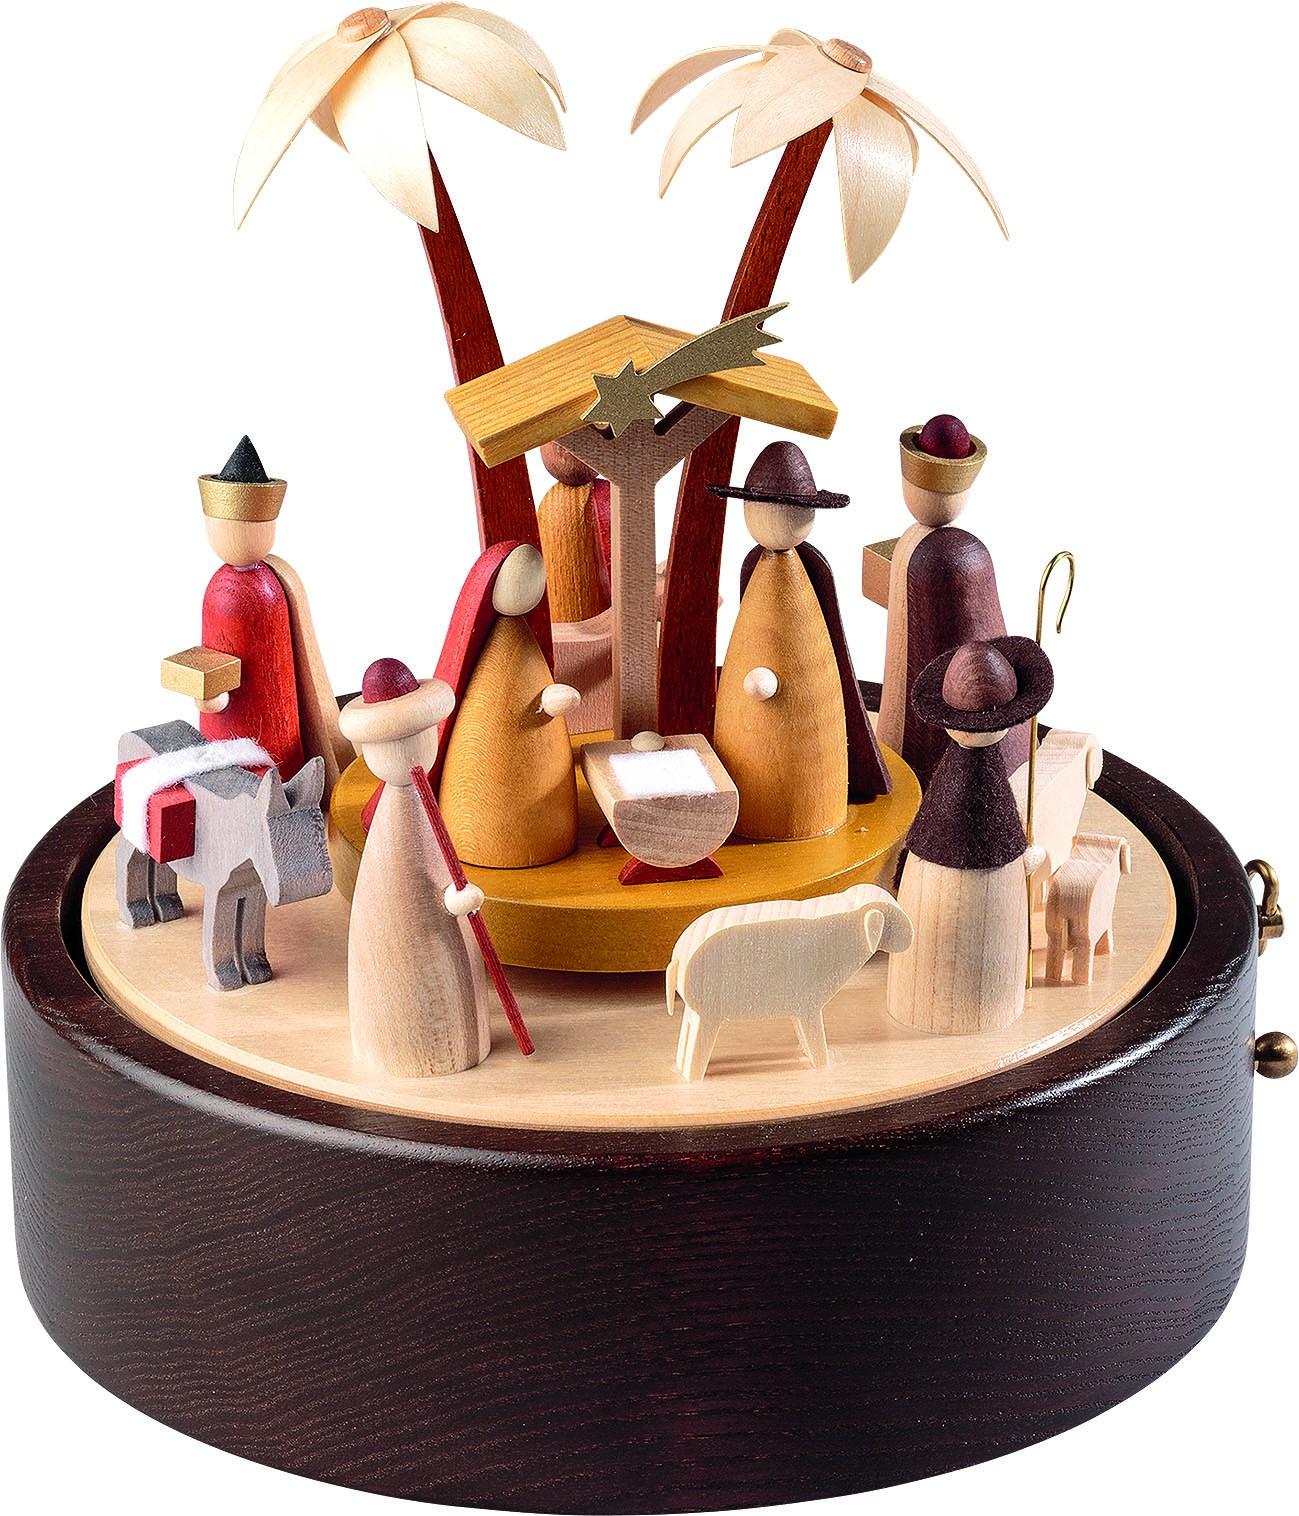 Spieldose Christi Geburt, 28-st. Spw. Stille Nacht, neues Naturholzdesign